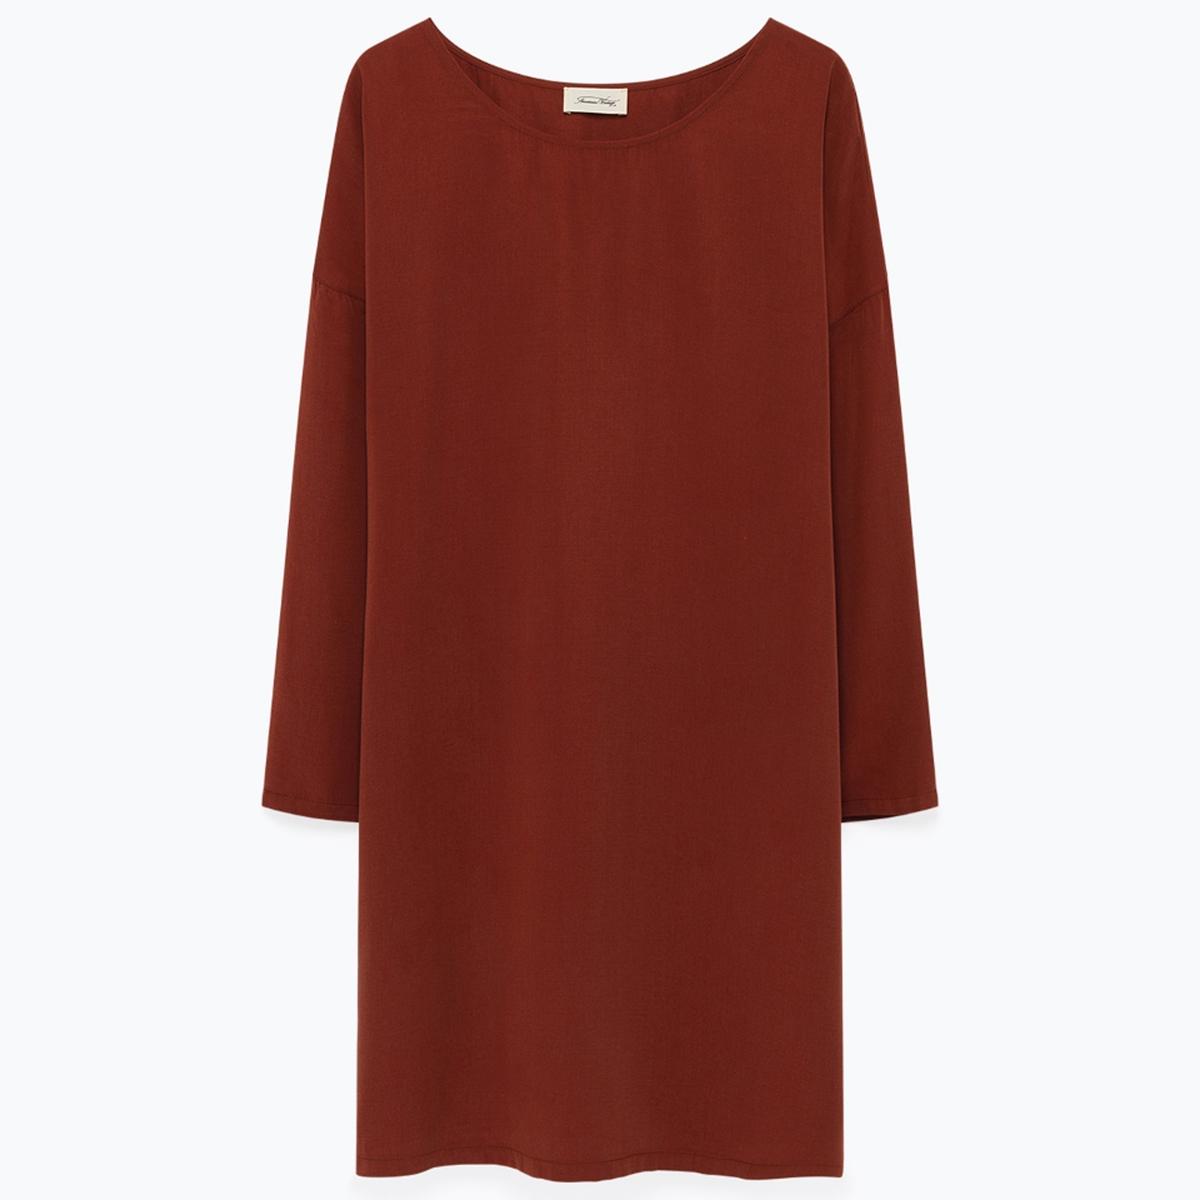 цена Платье La Redoute Прямое с длинными рукавами NALASTATE L оранжевый онлайн в 2017 году